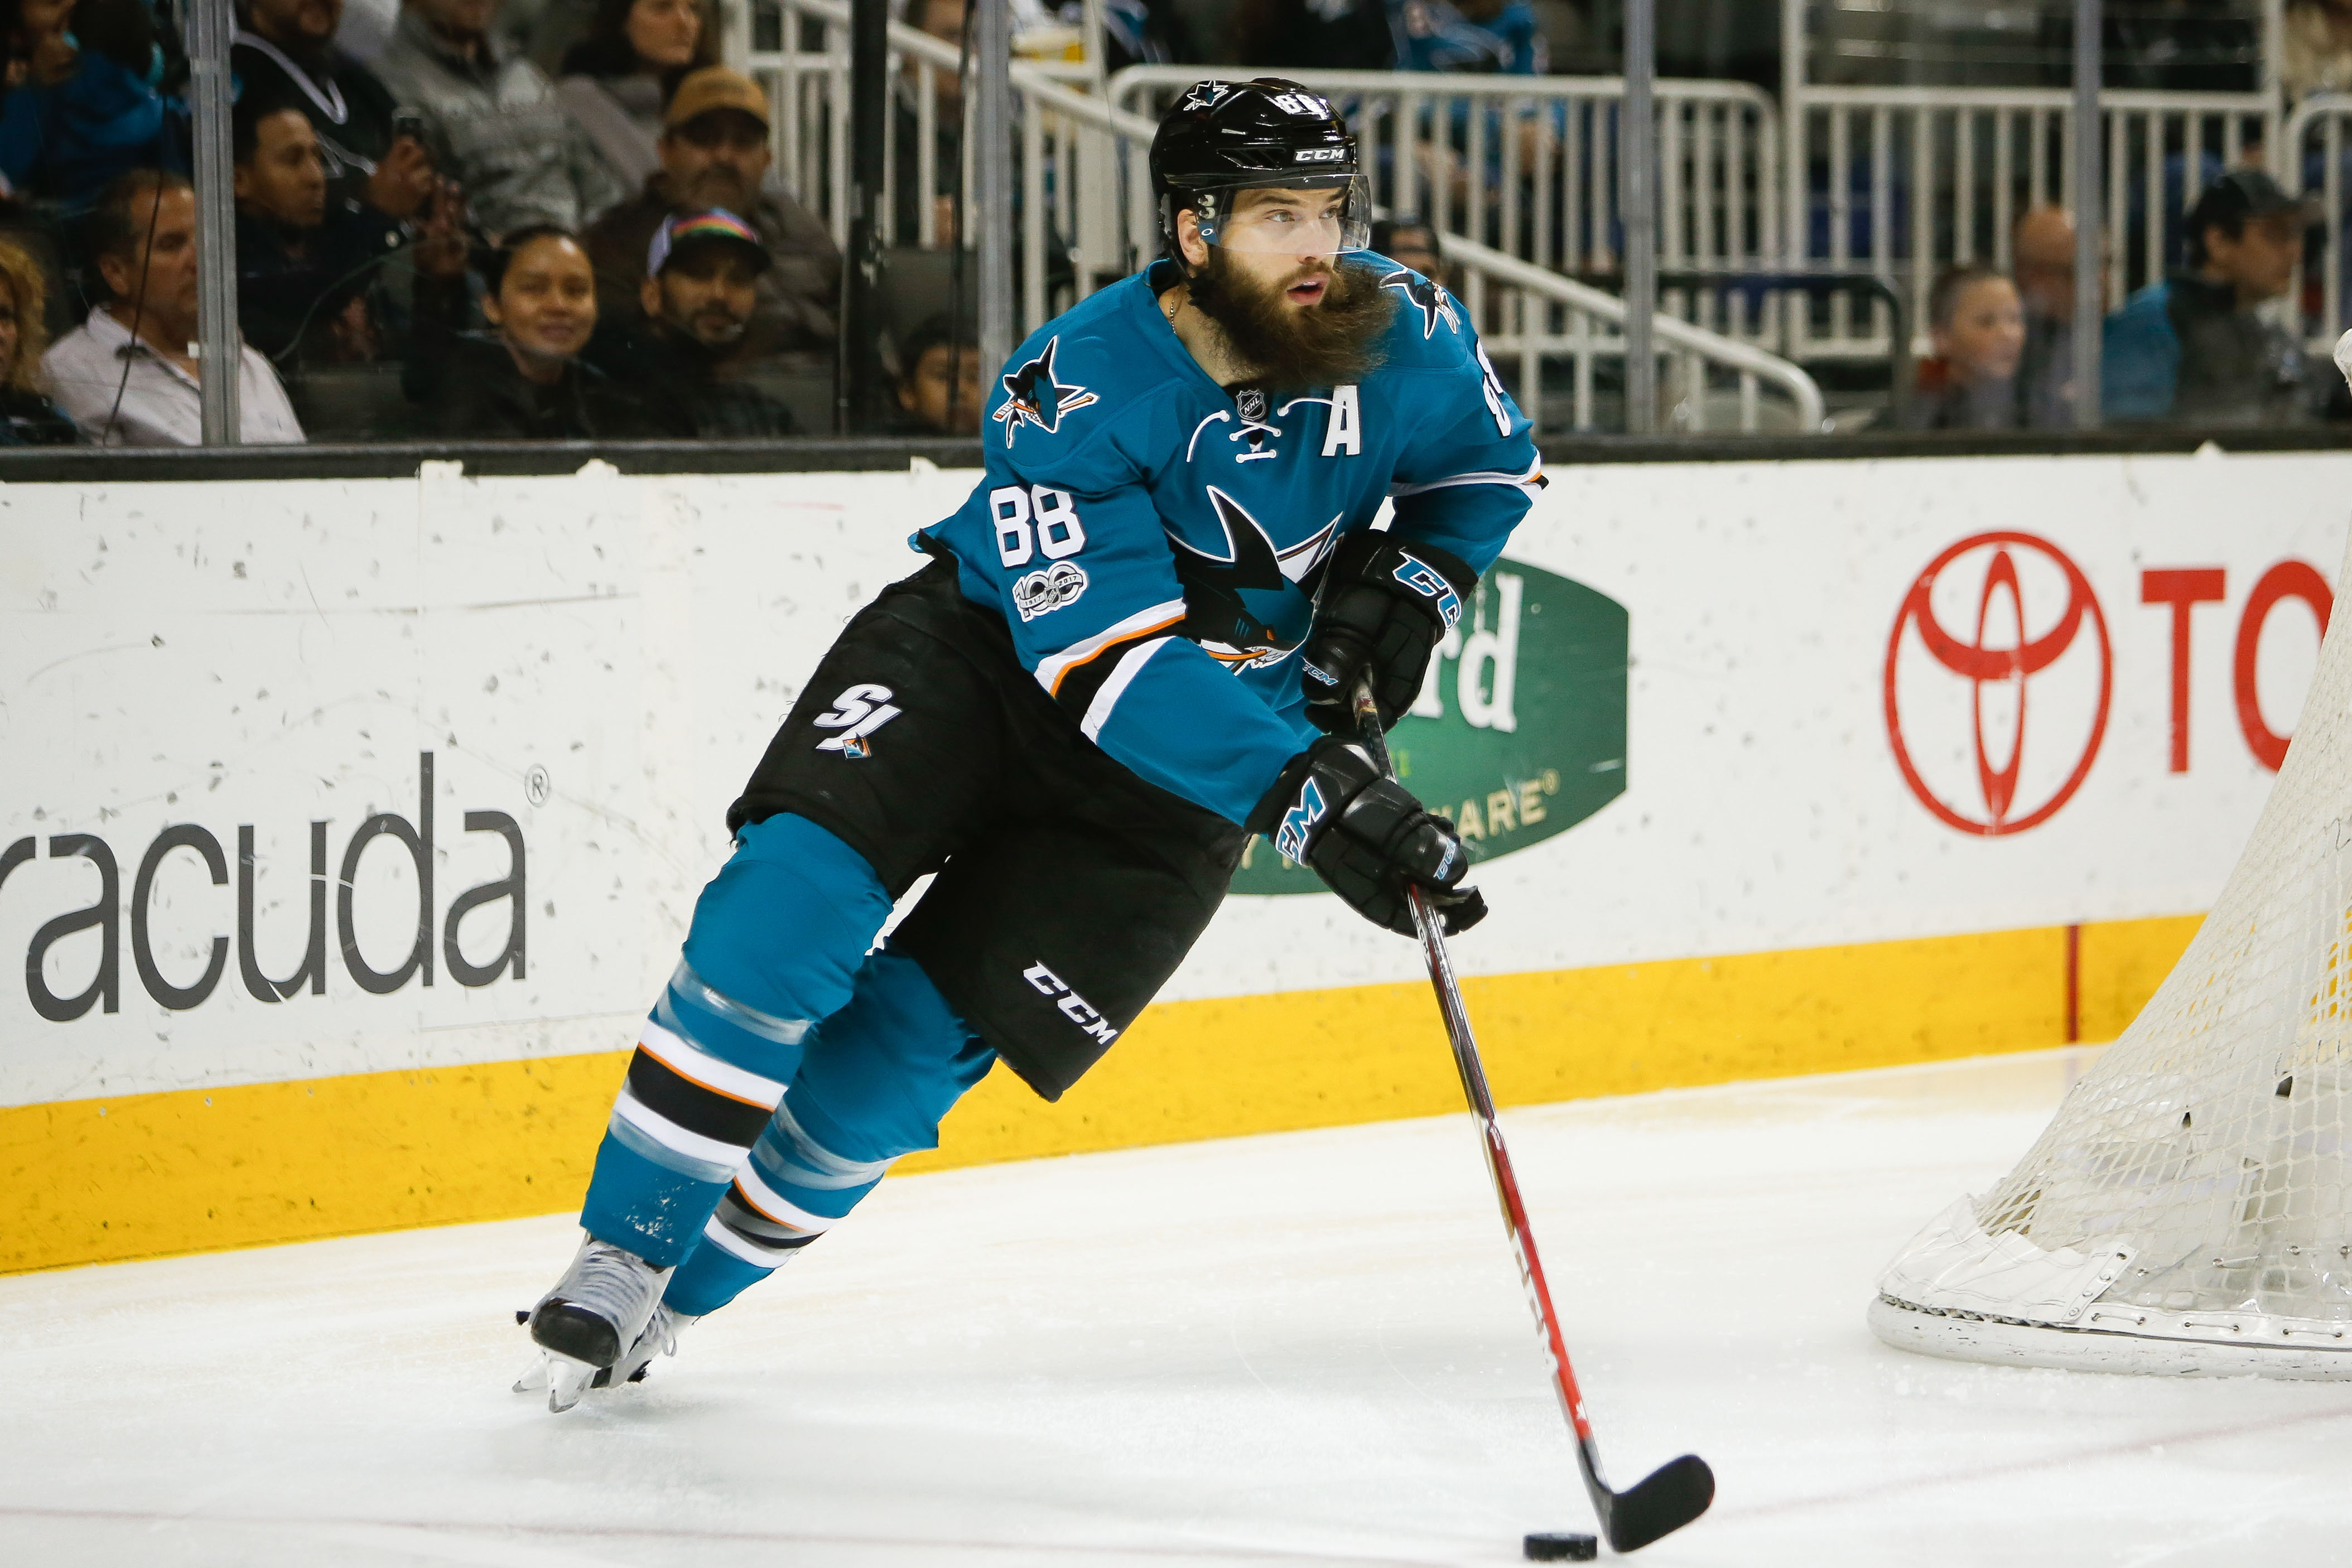 NHL: Calgary Flames at San Jose Sharks